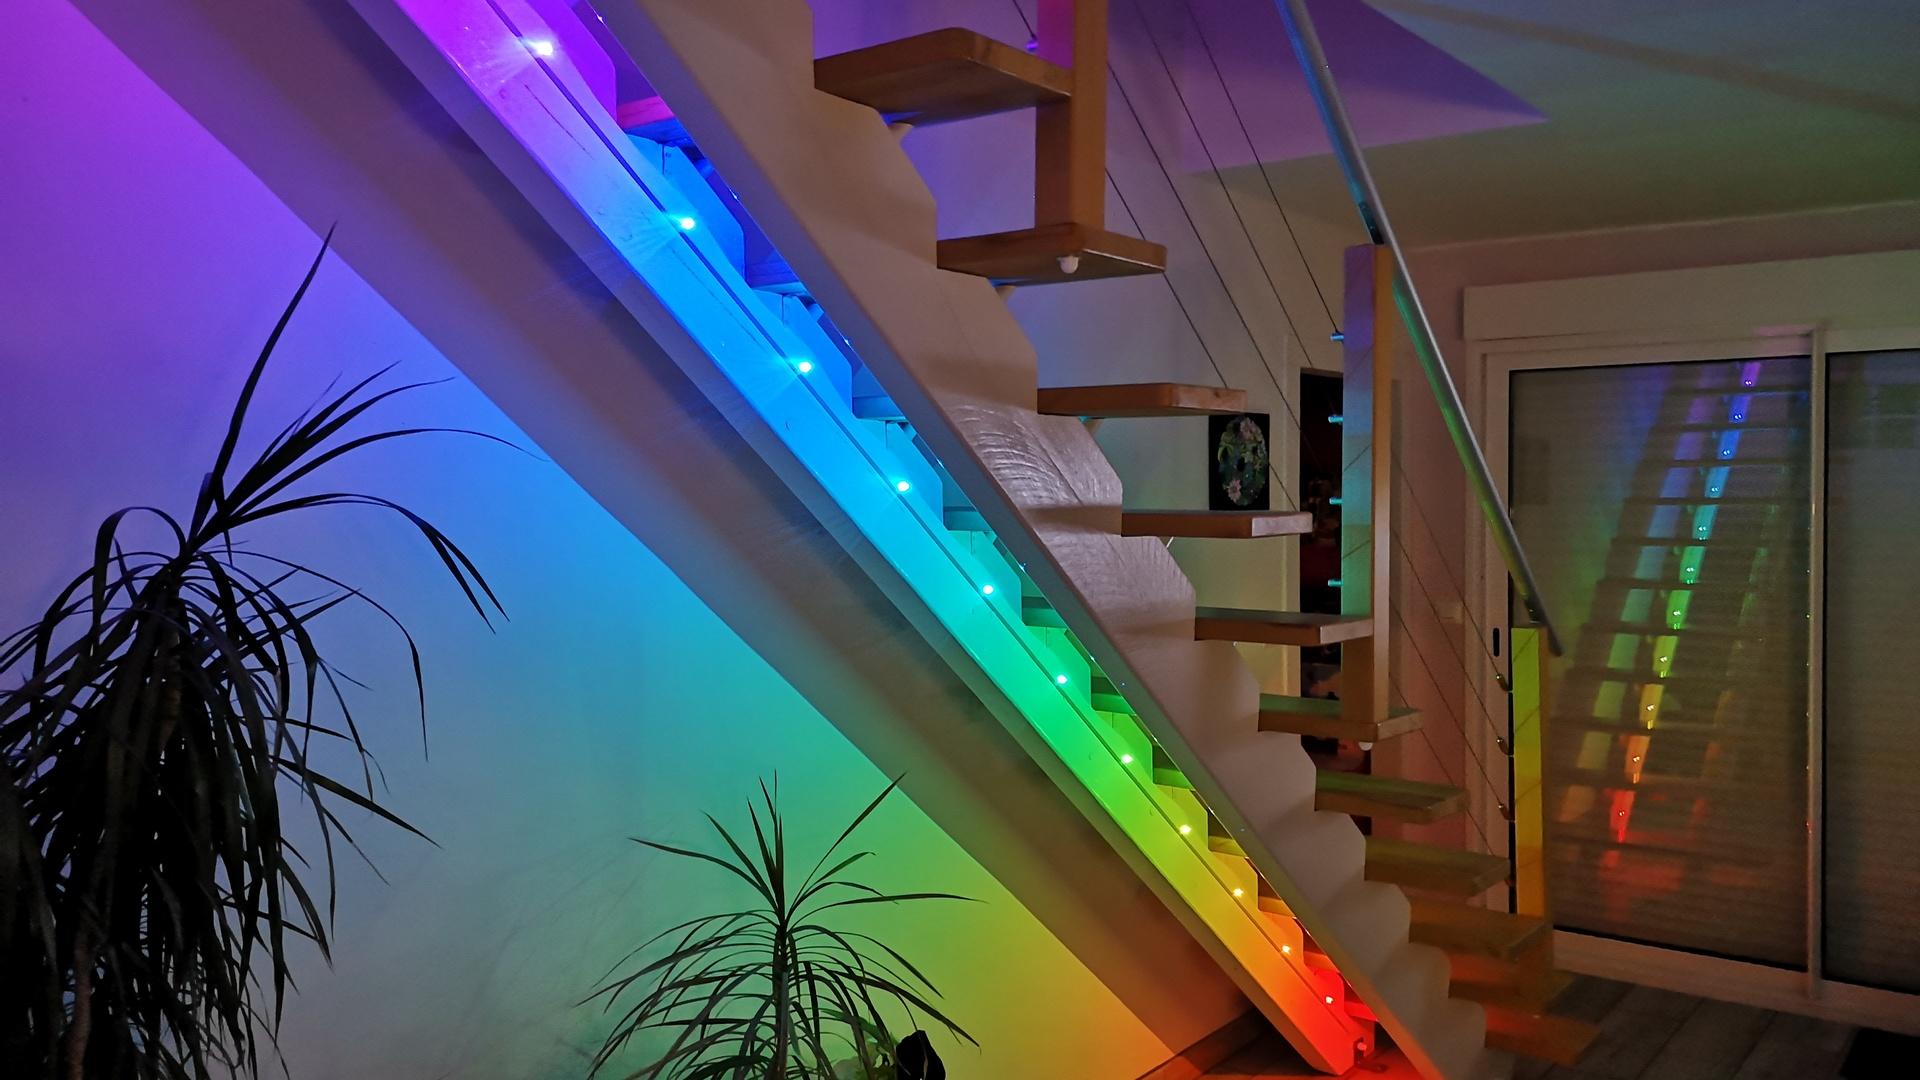 Fabriquer un éclairage automatique d'escalier avec Arduino